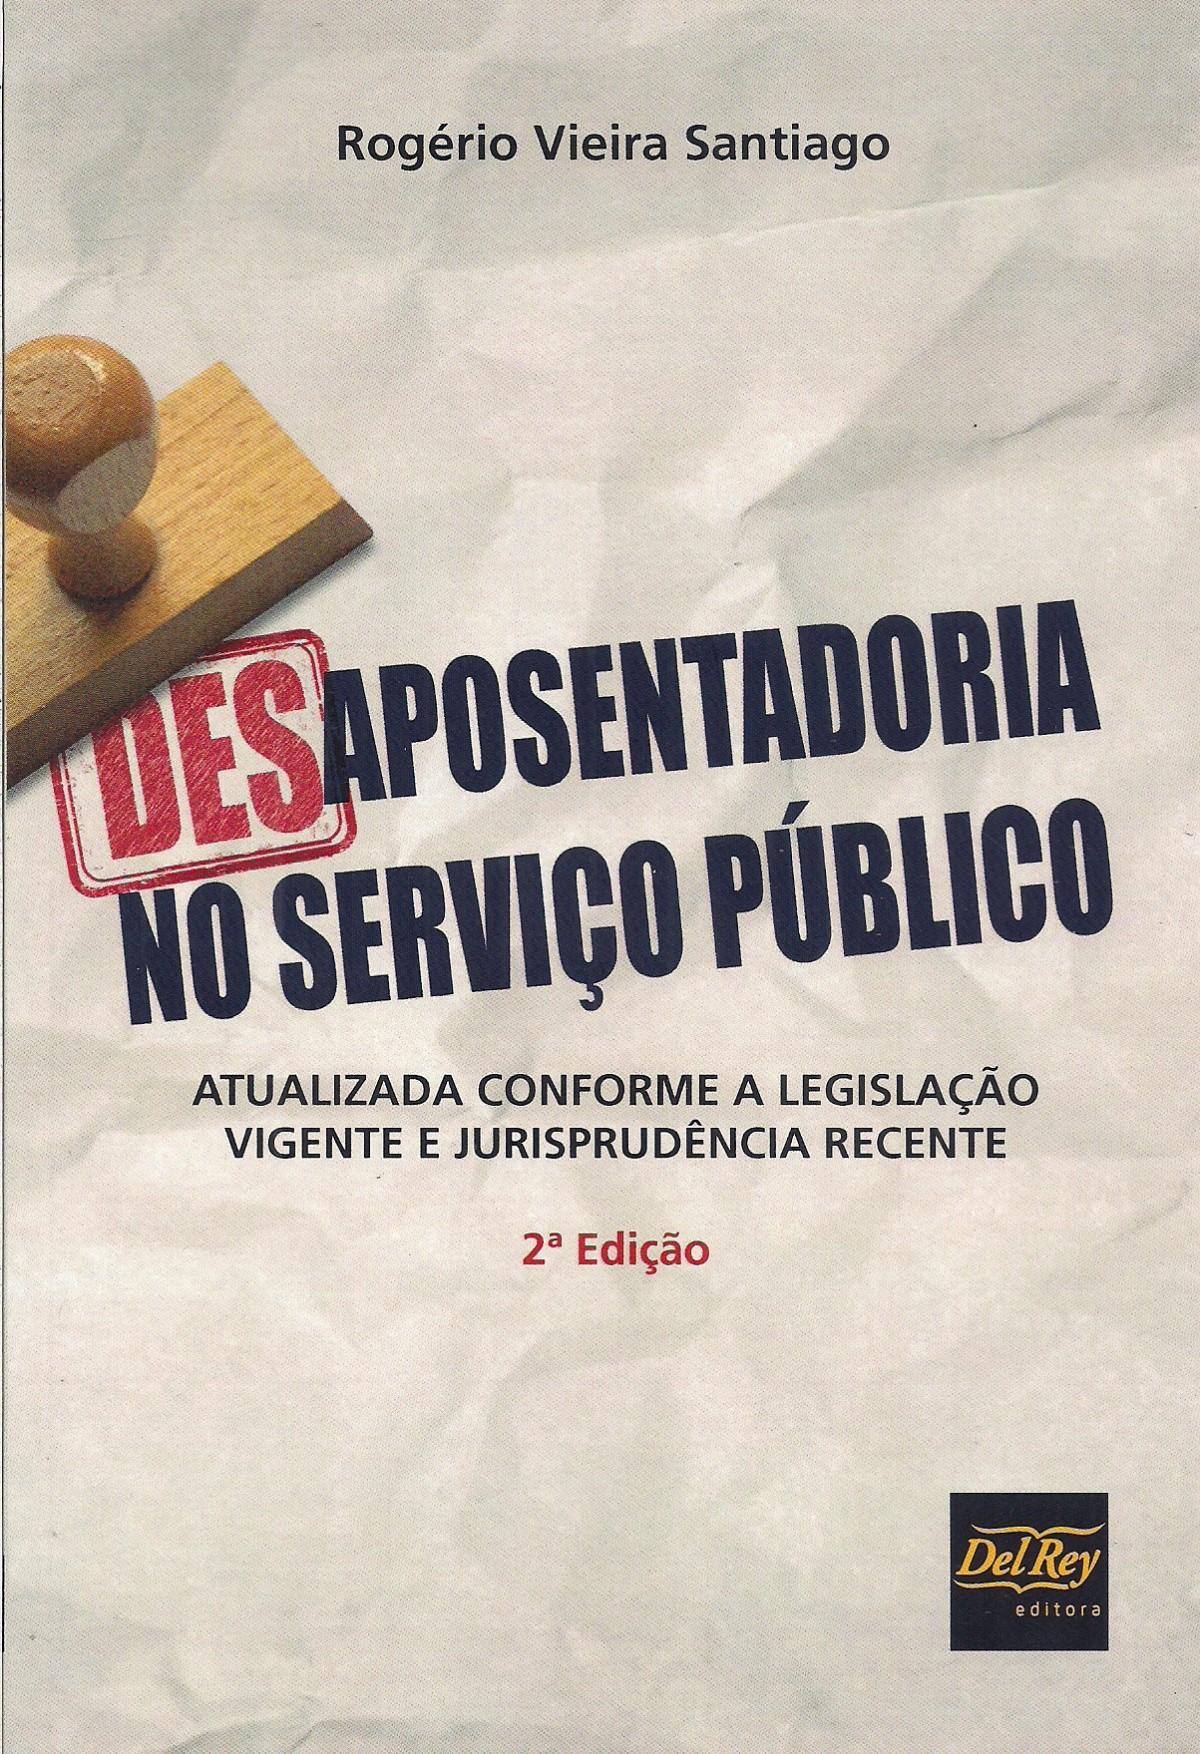 Foto 1 - Desaposentadoria no Serviço Público